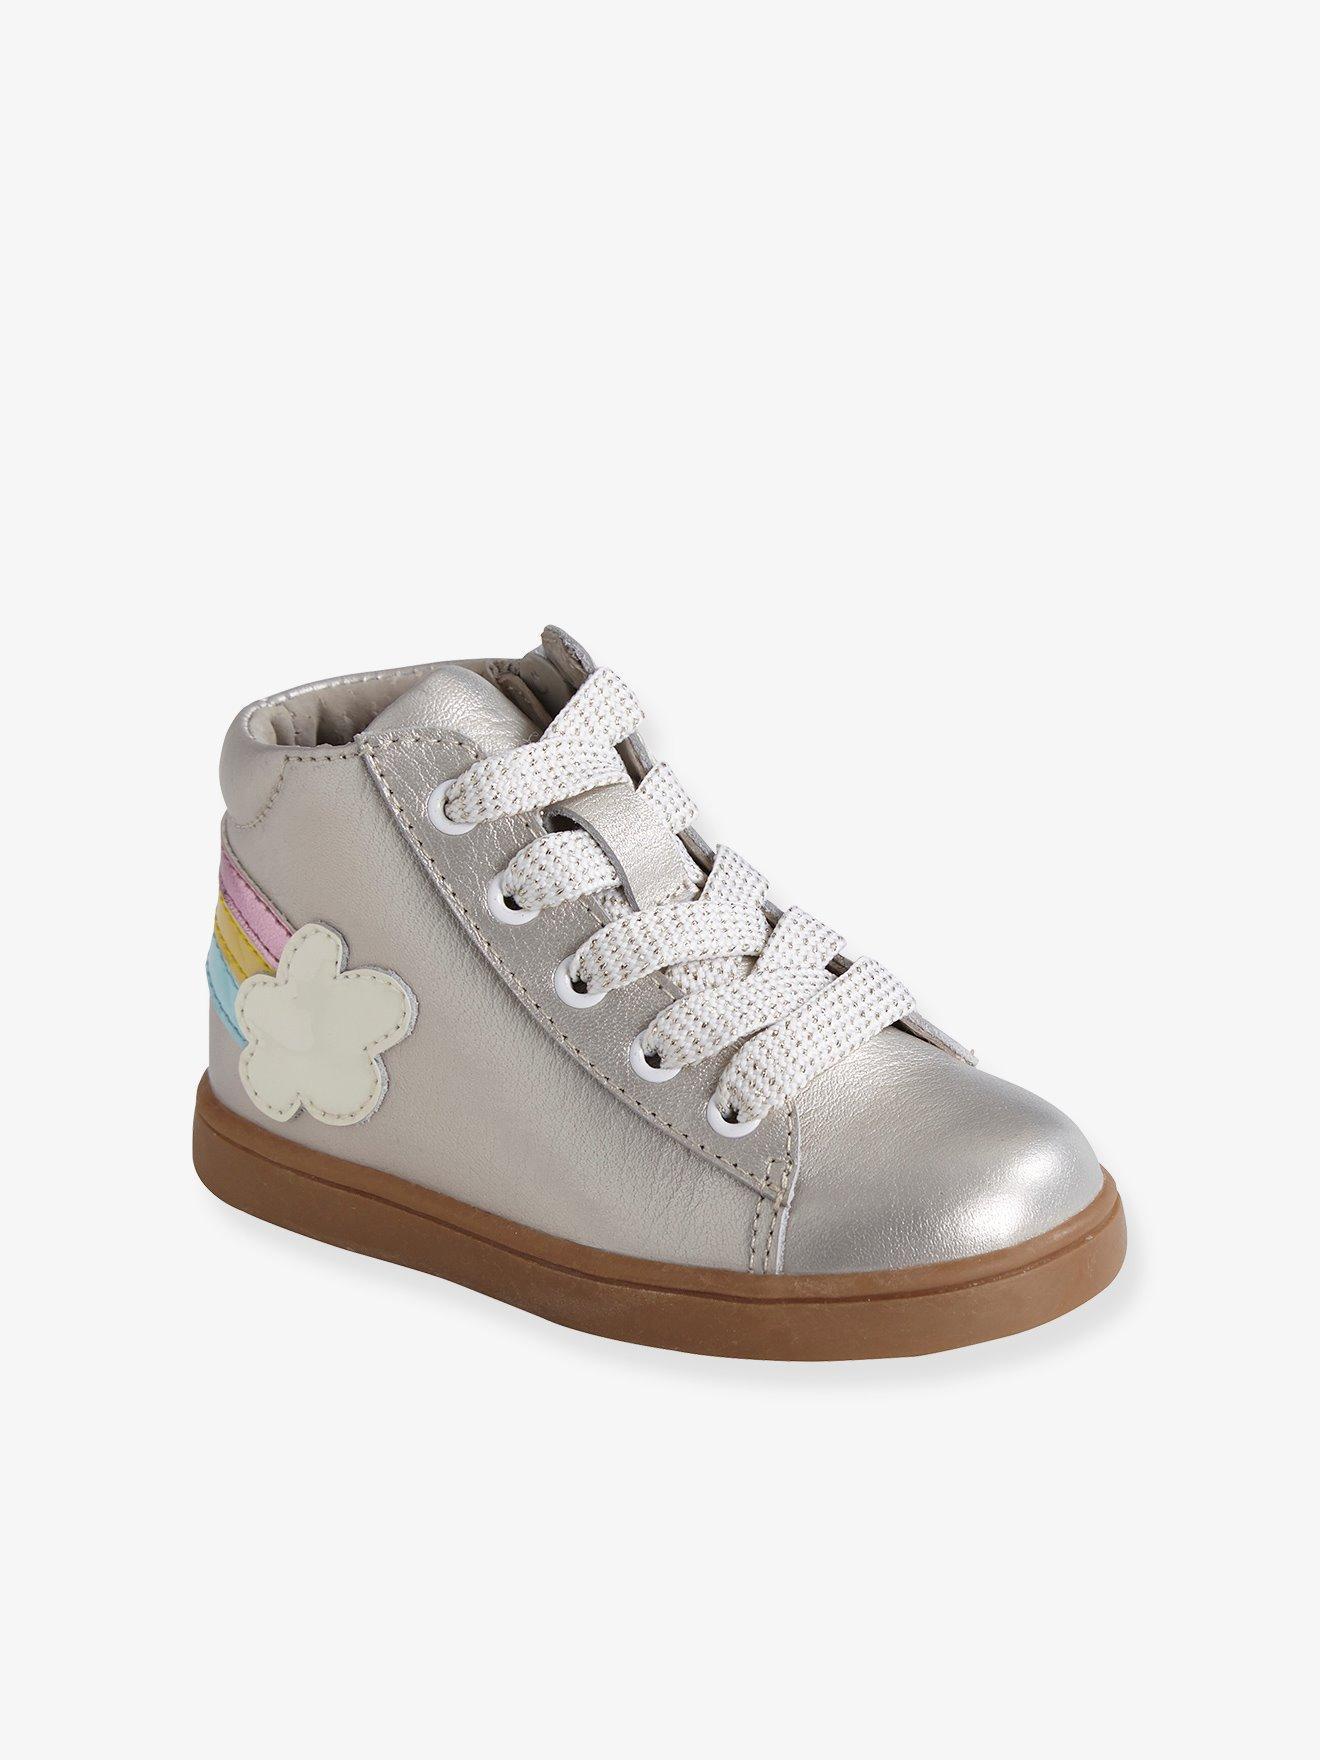 d0d788cf1 Zapatillas deportivas de caña alta y piel irisada bebé niña beige medio  metalizado. Vertbaudet